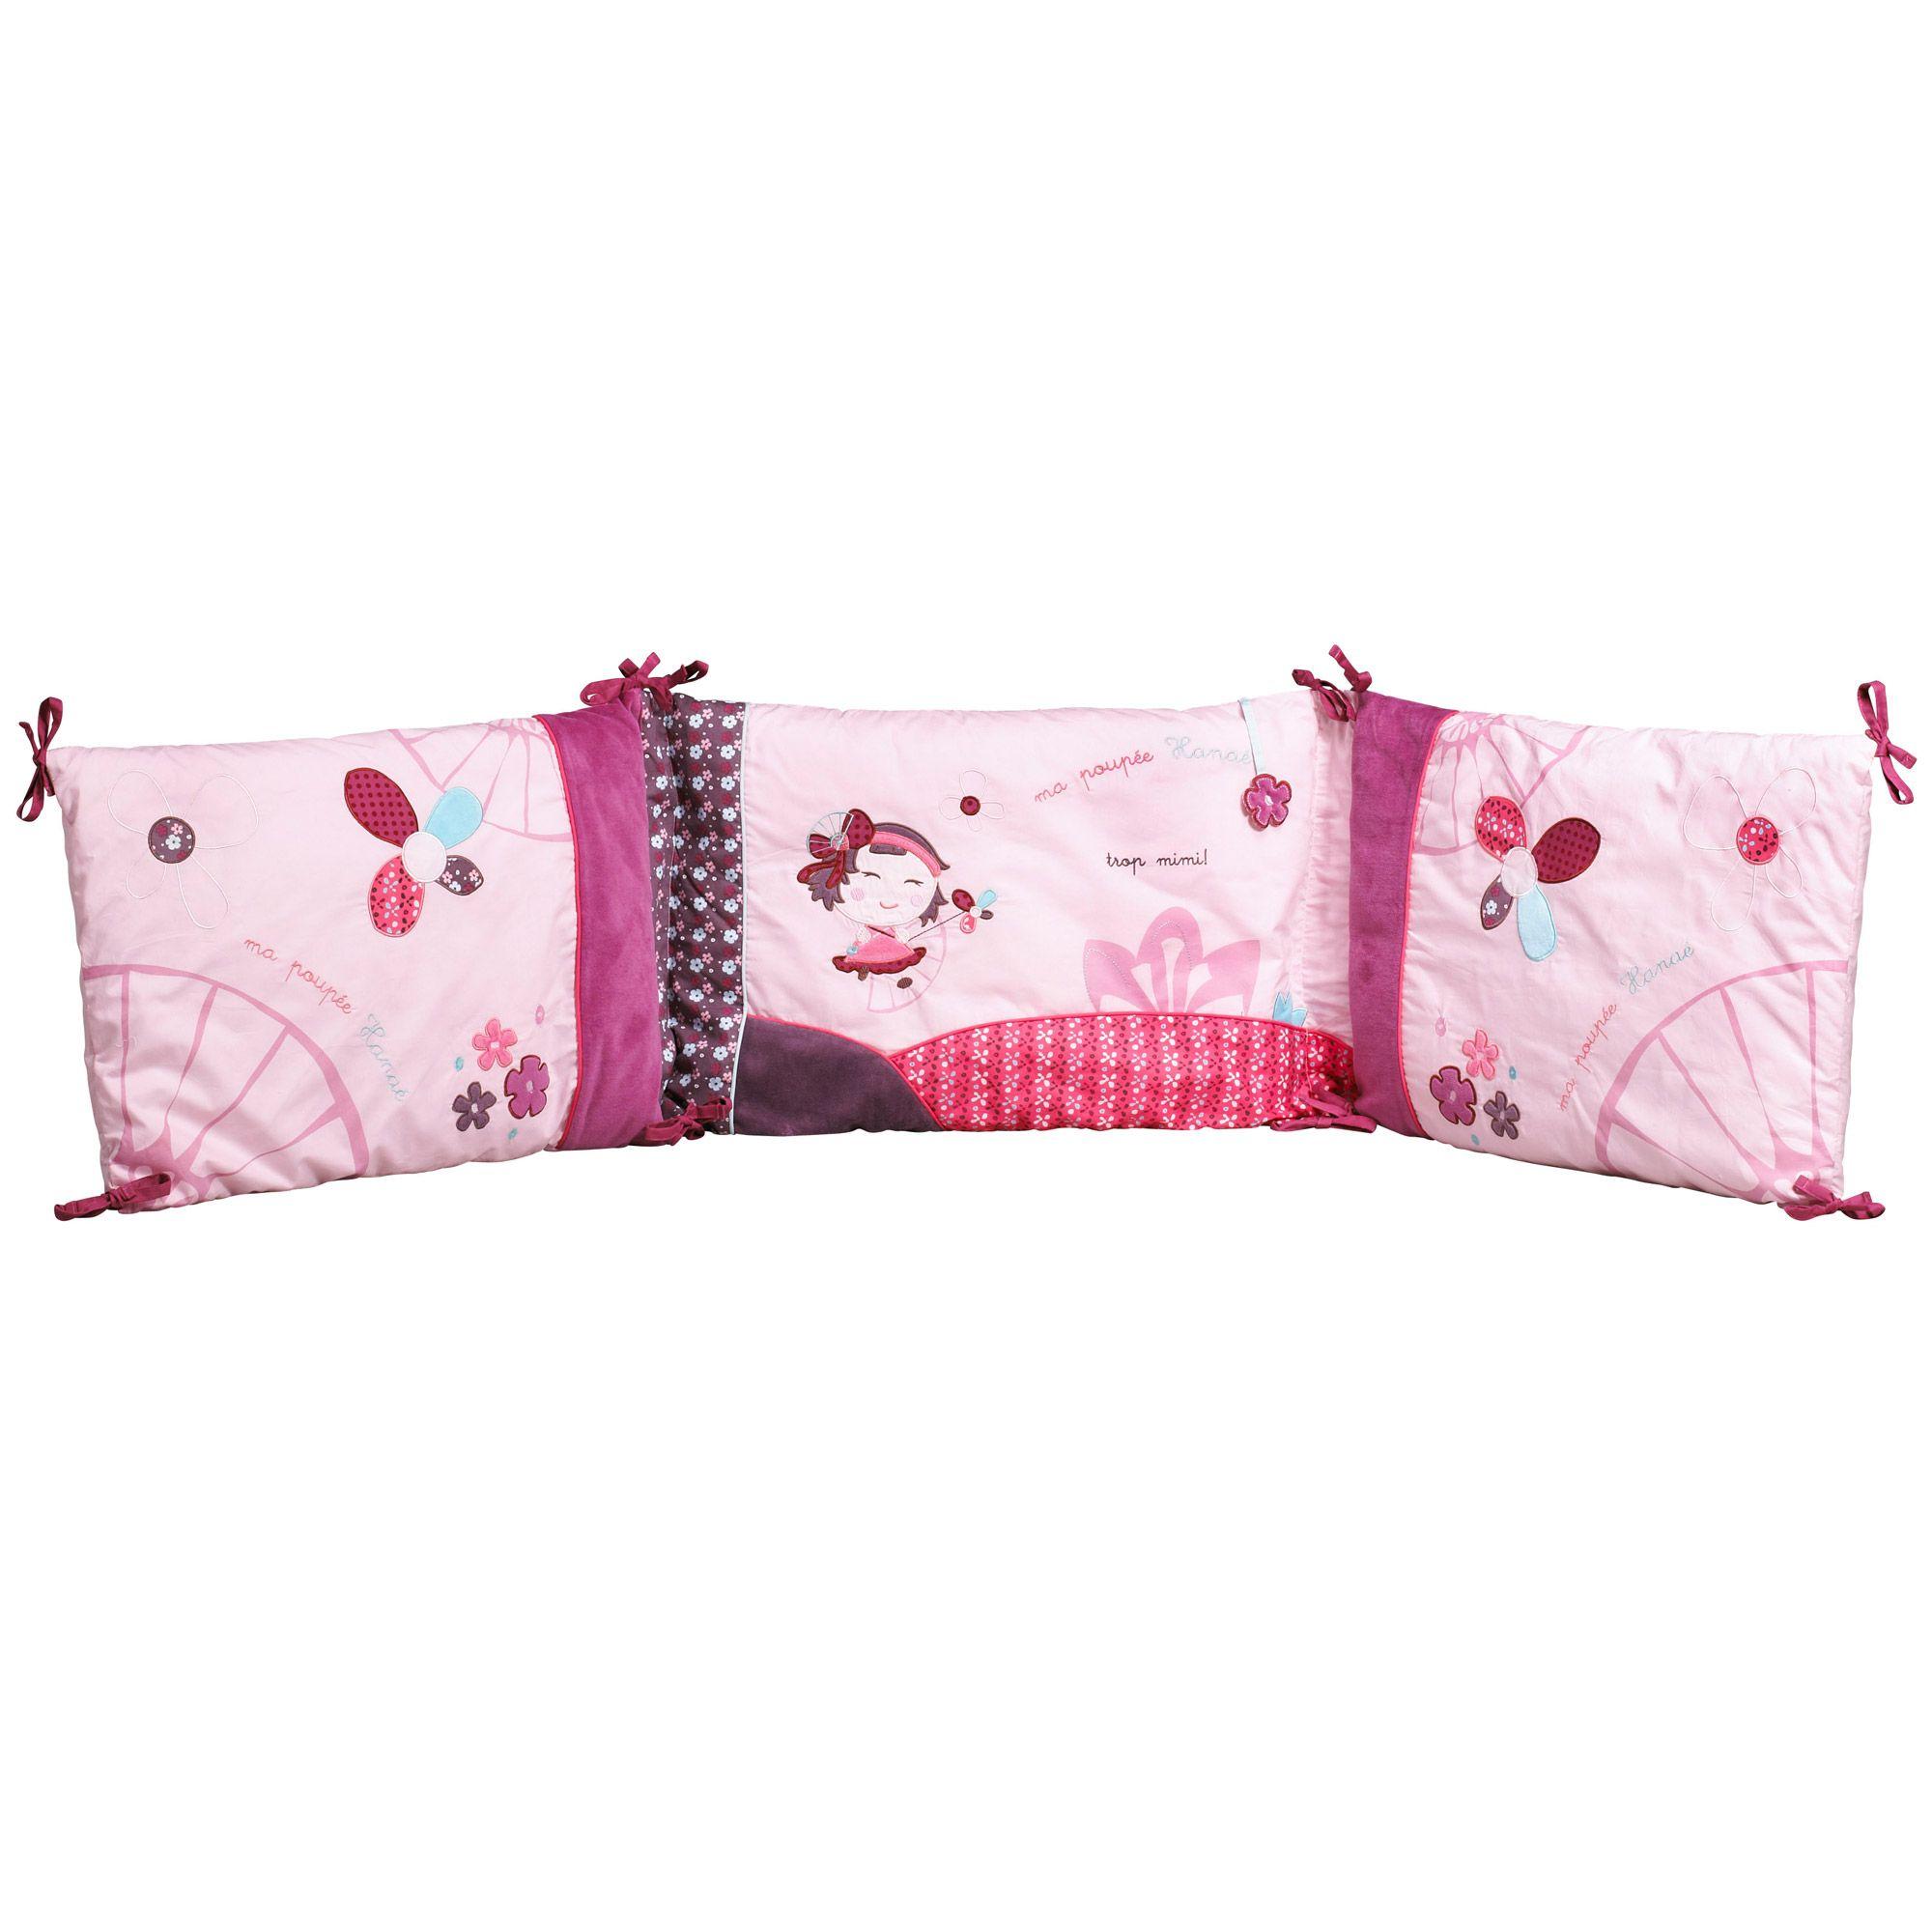 hana tour de lit rose baby love pinterest lit rose tour de lit et tour. Black Bedroom Furniture Sets. Home Design Ideas